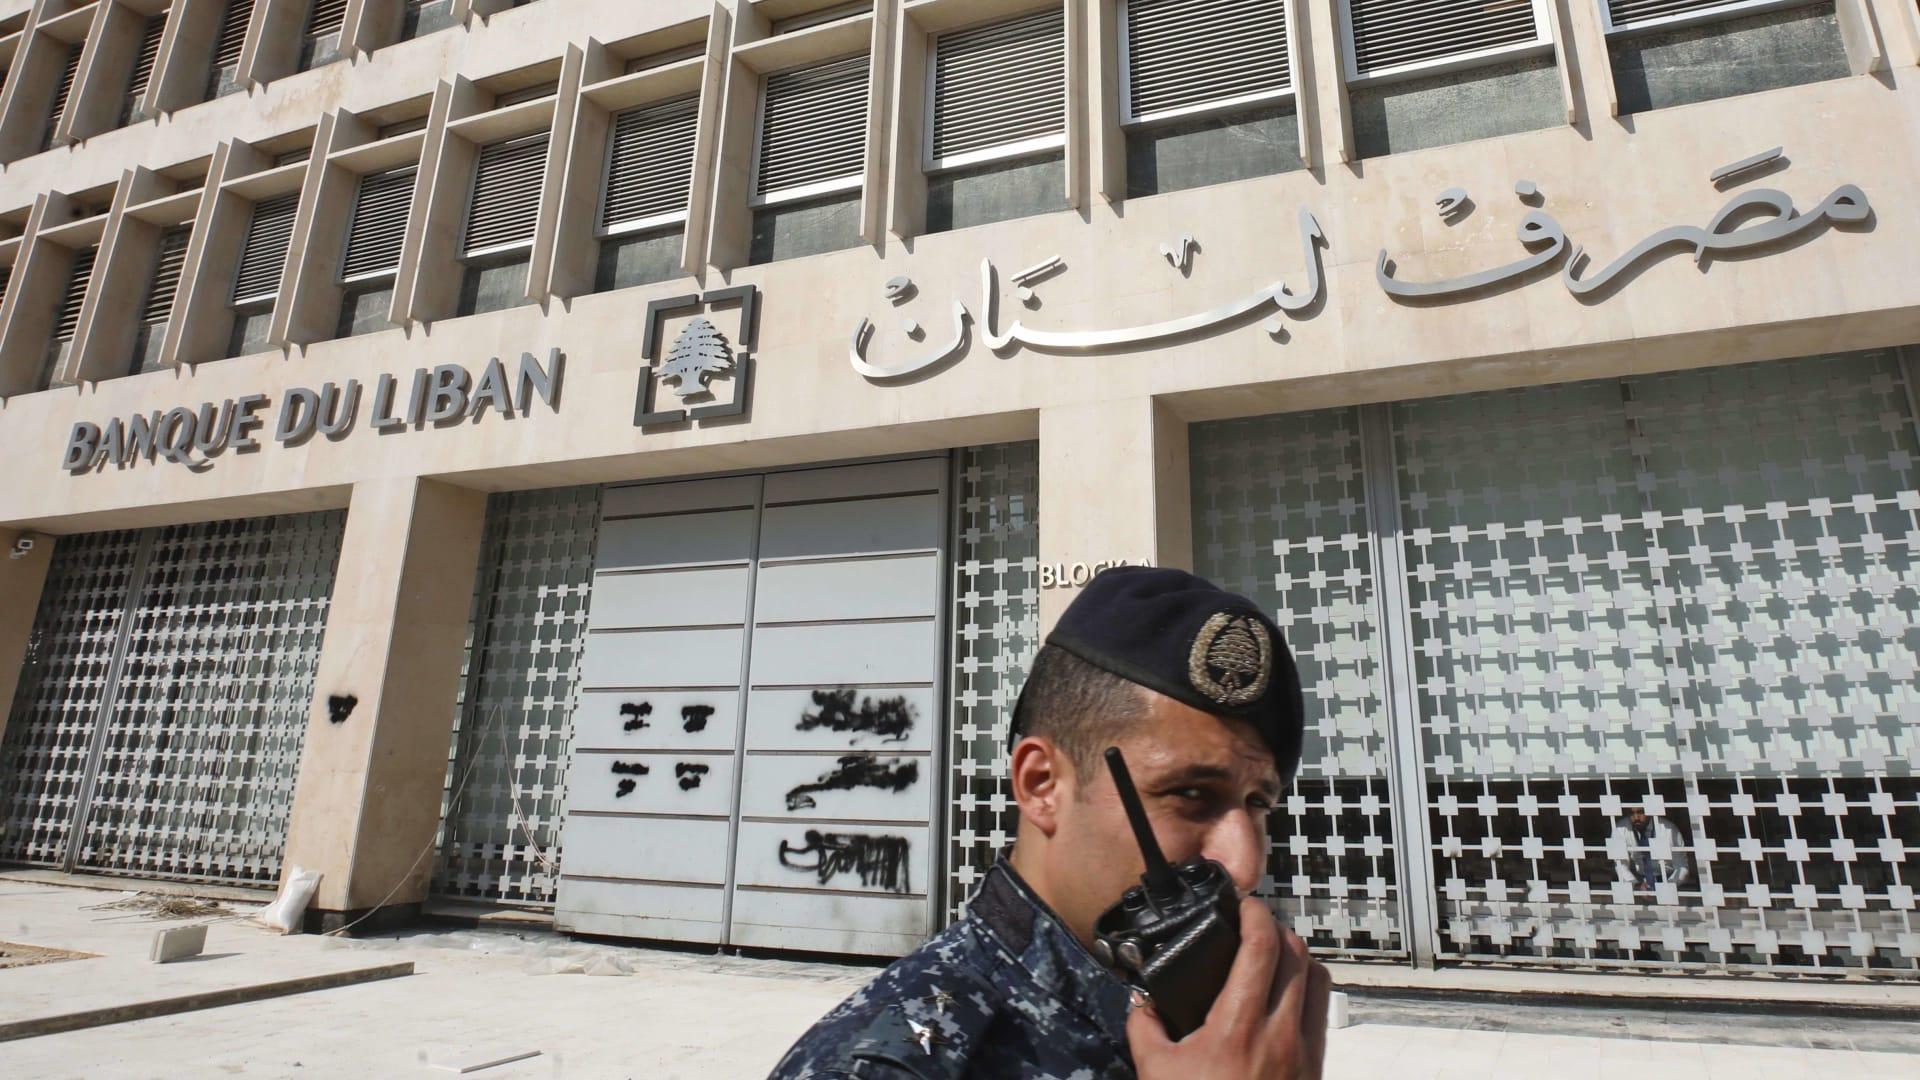 خبير اقتصادي لبناني لـCNN: تقرير البنك الدولي يعني أن لبنان أصبح في القعر وليس في حالة انهيار